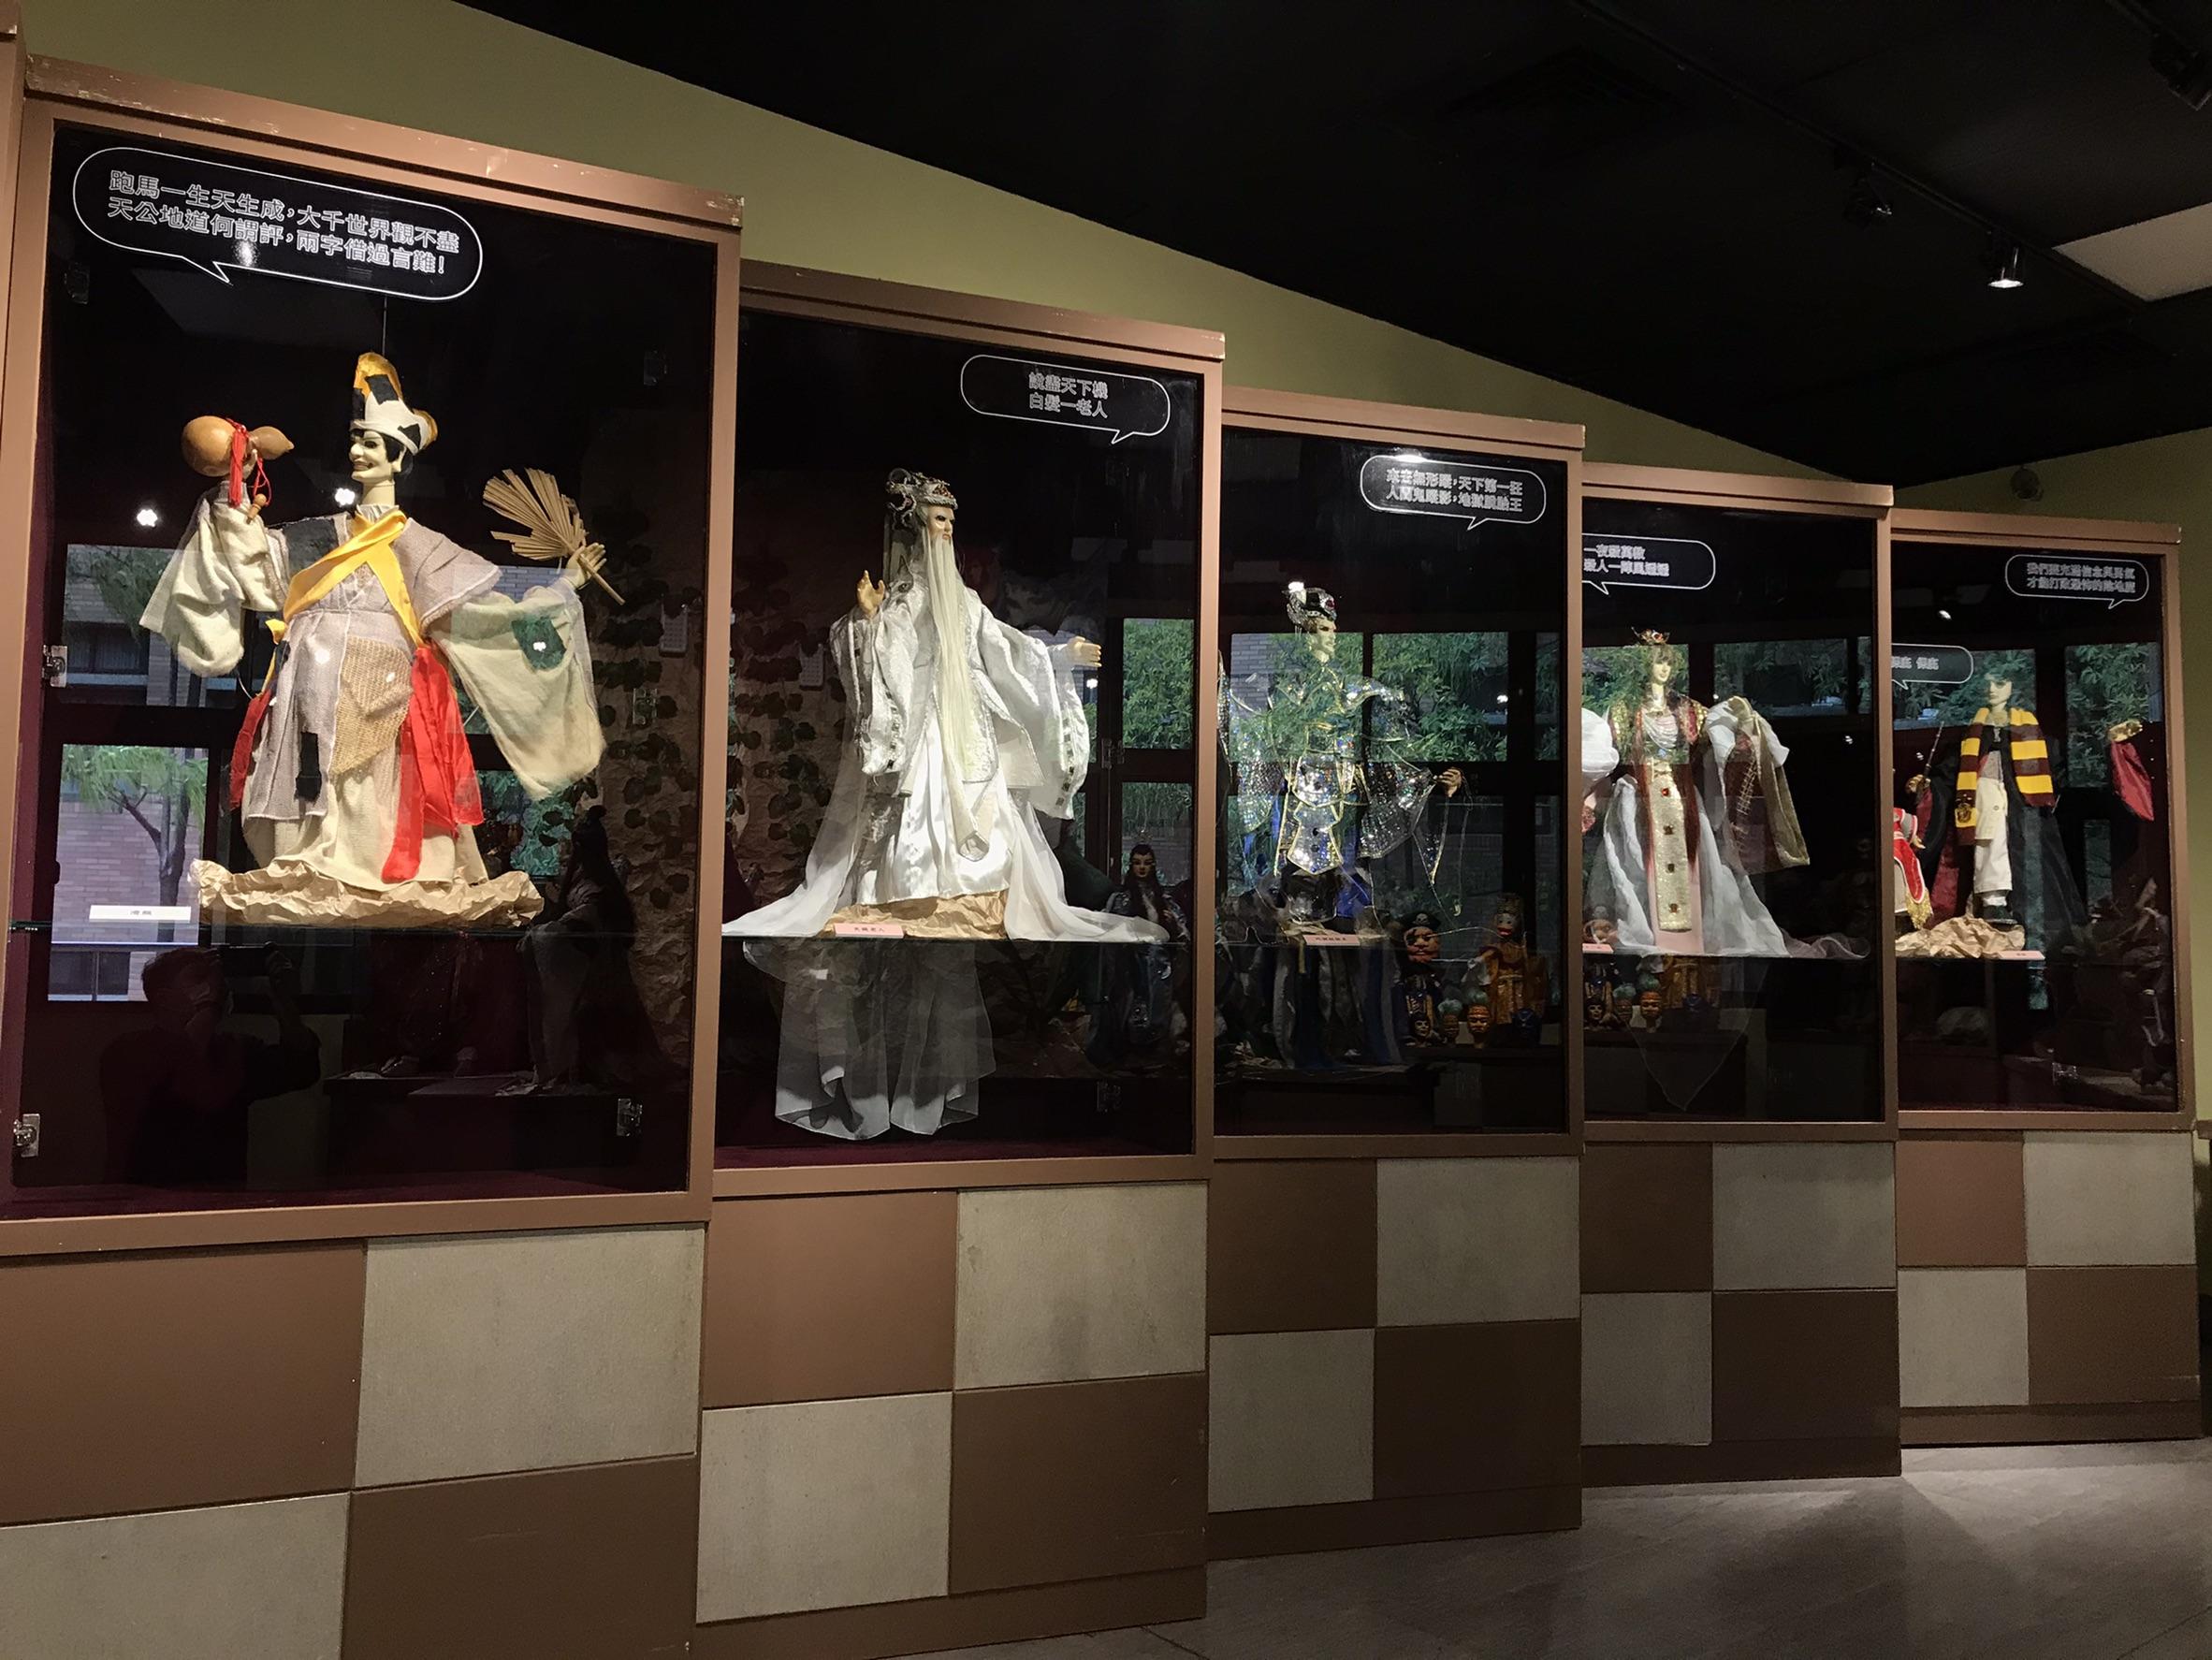 新莊布袋戲文物館全新換檔 蘇俊穎木偶劇團十週年特展